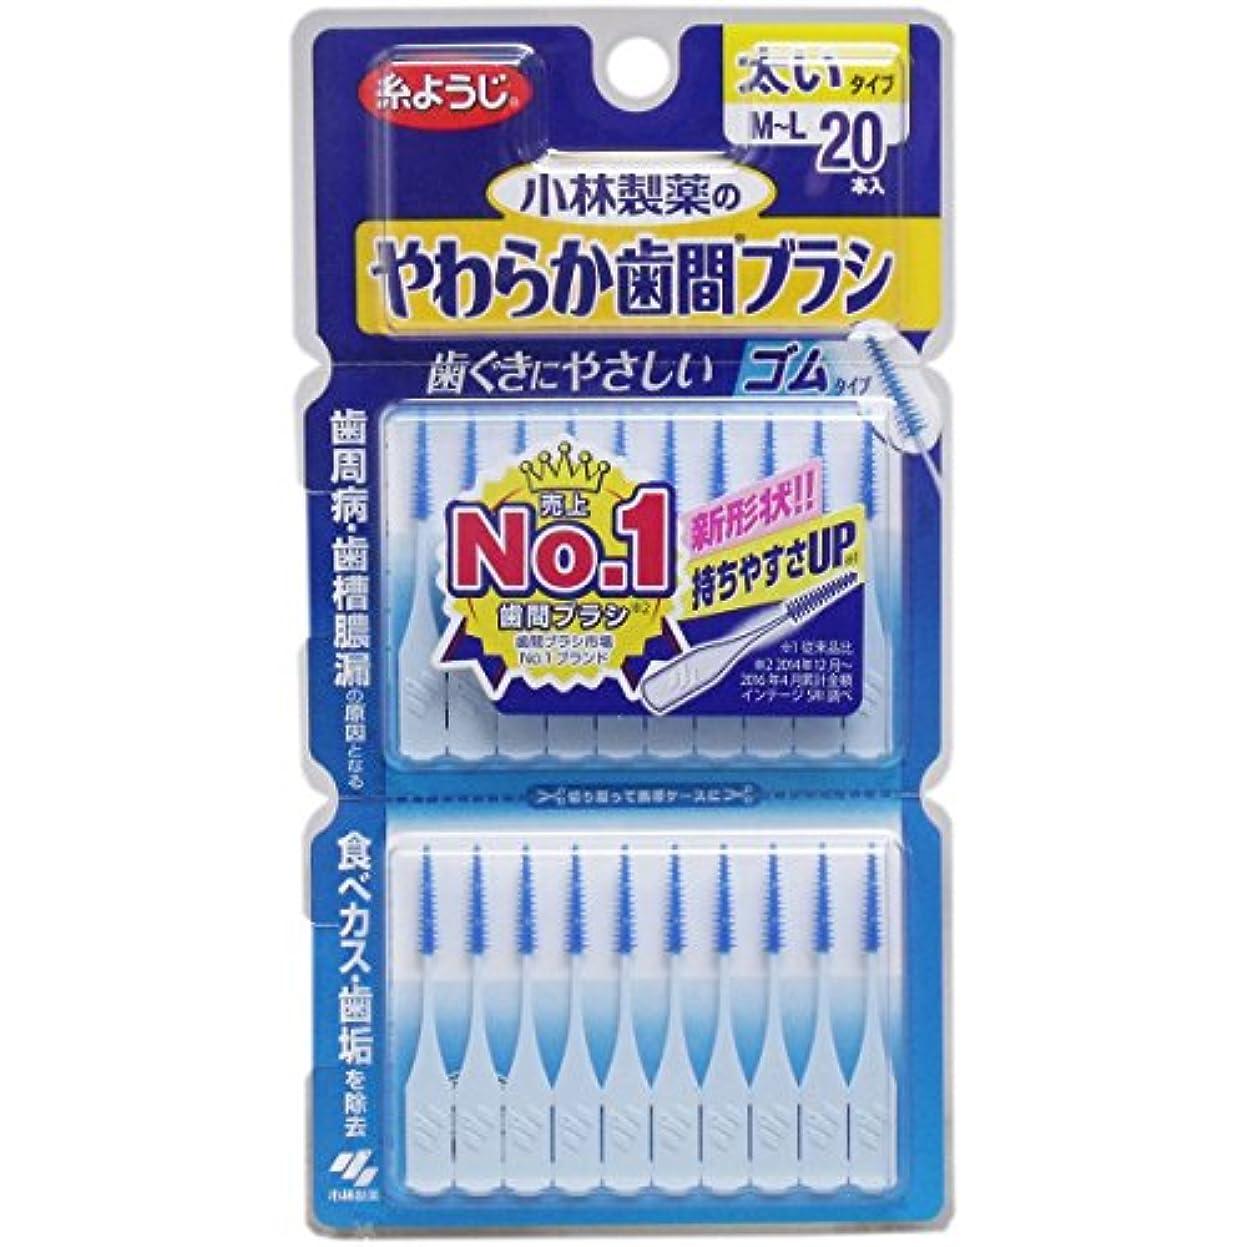 エリートコンチネンタルクローンやわらか歯間ブラシM-Lサイズ20本×10